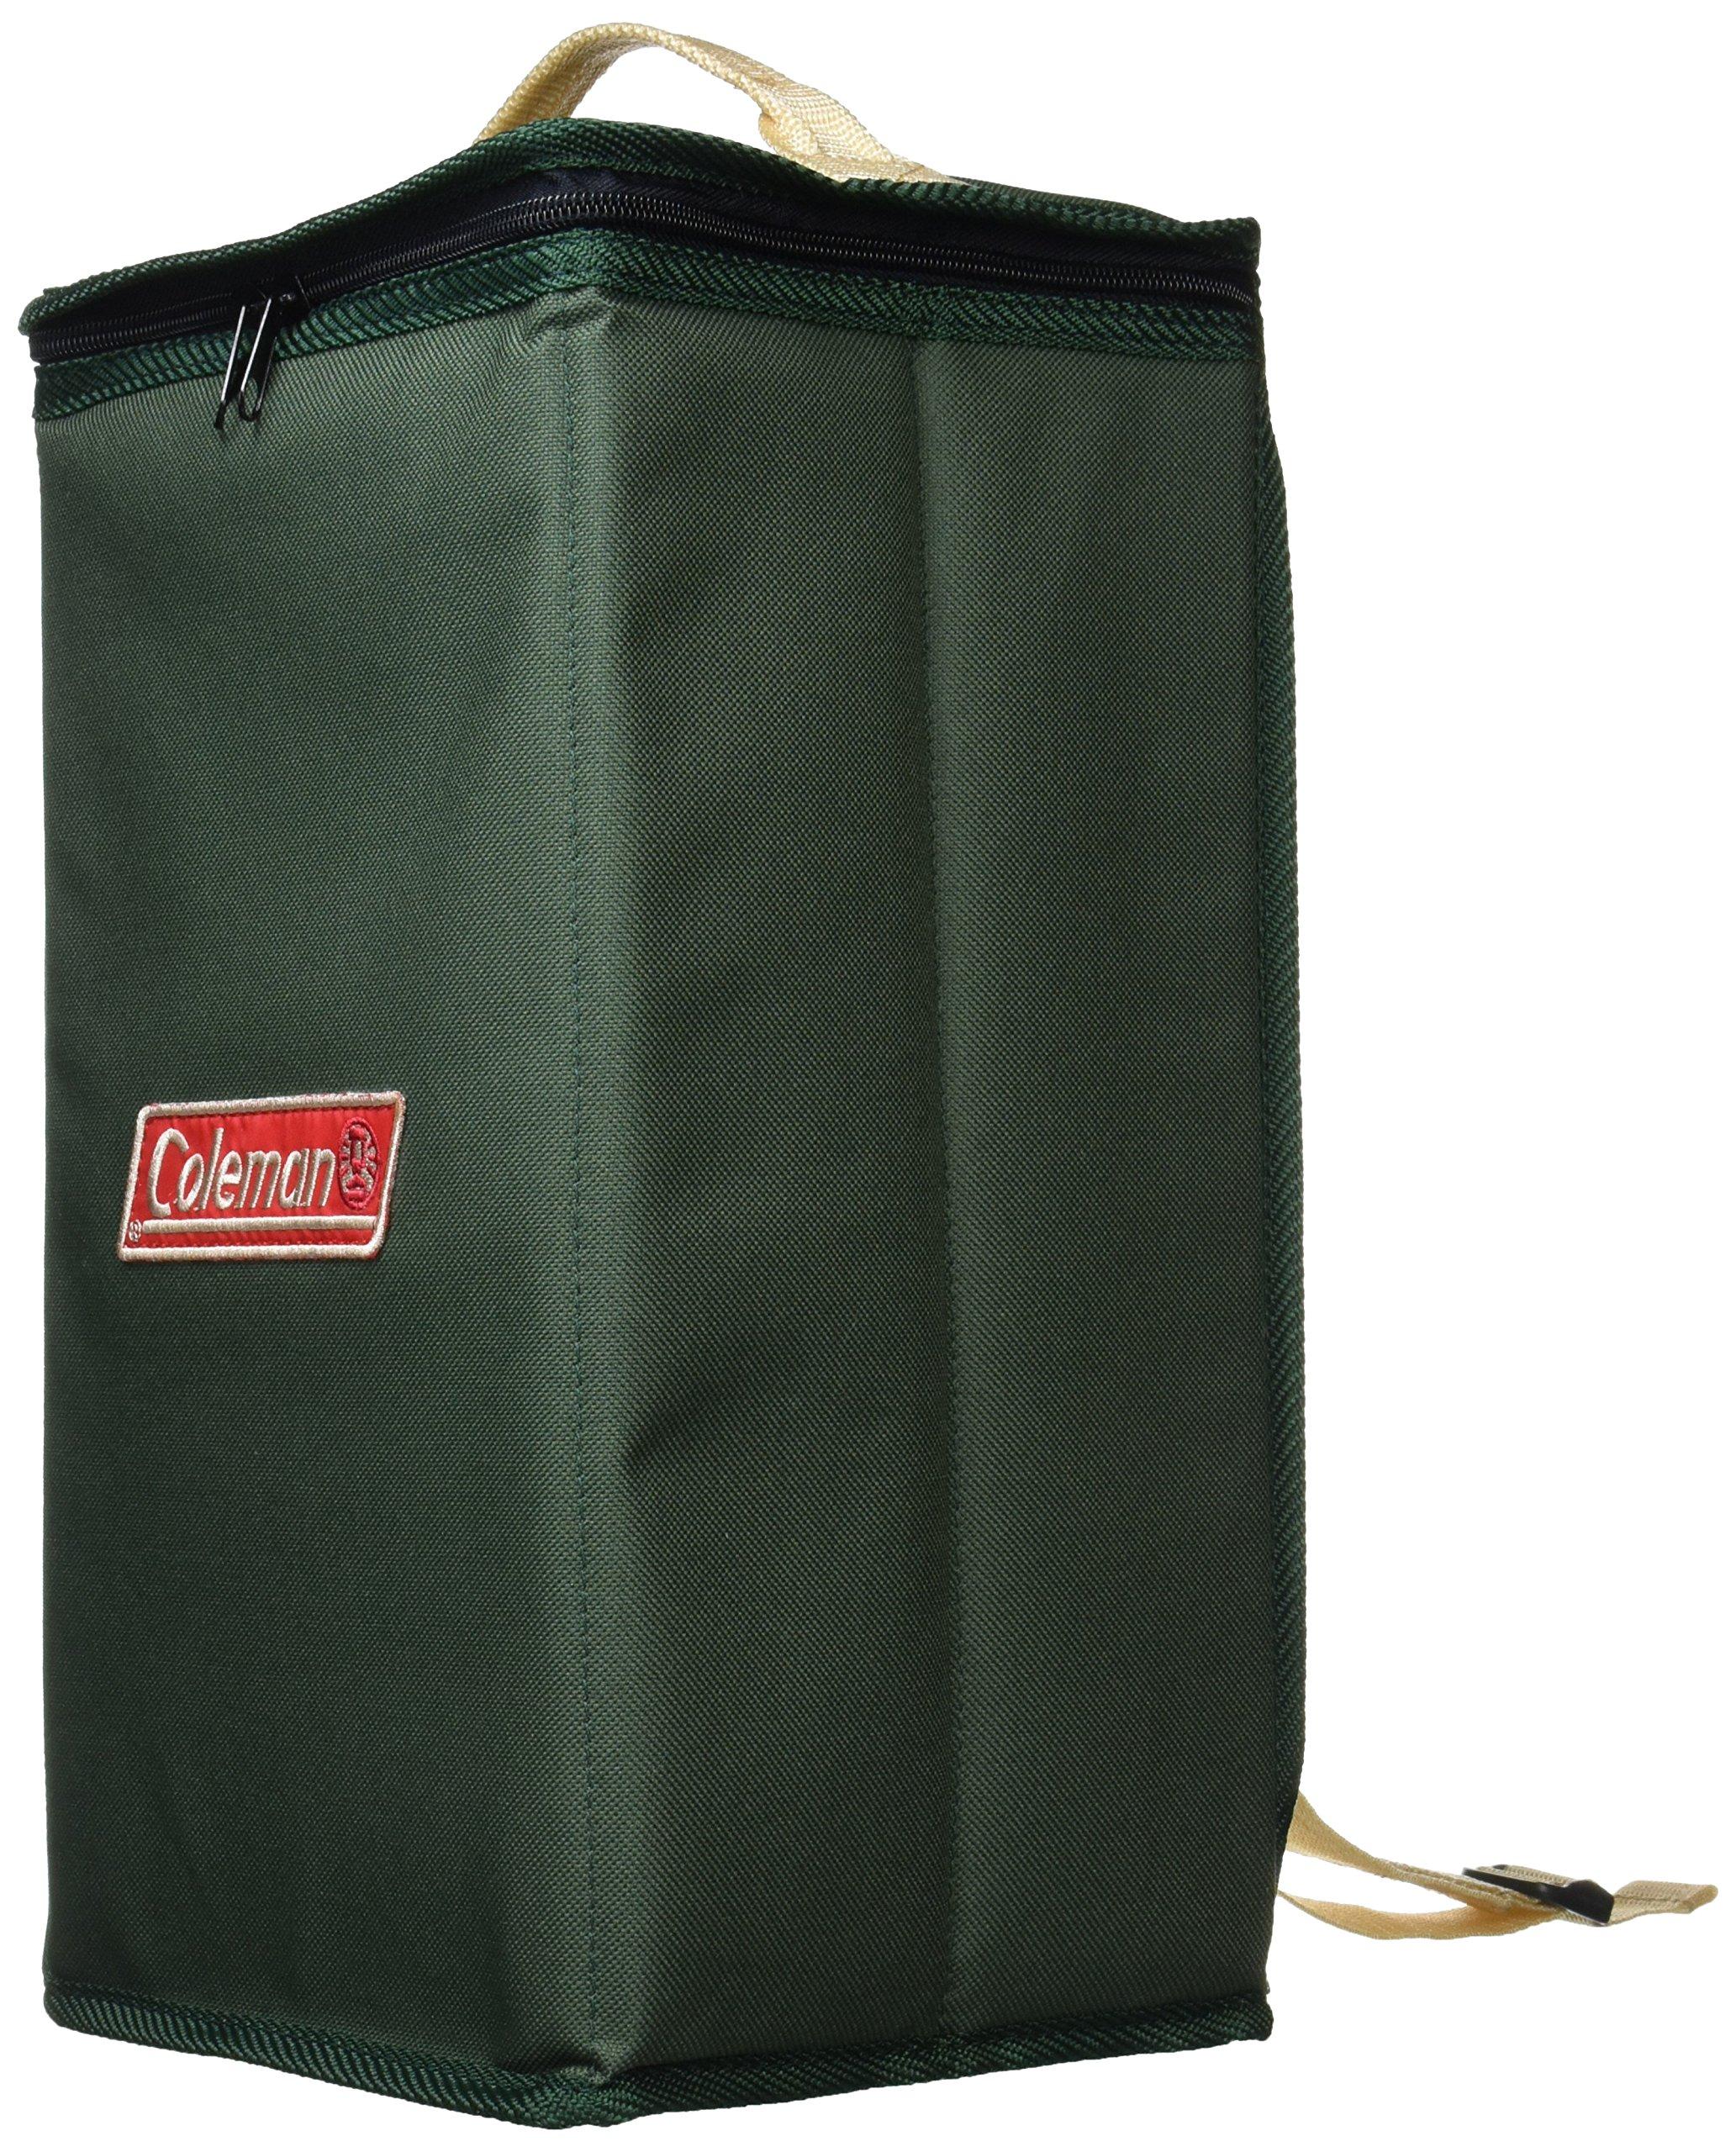 Coleman (Coleman) soft lantern Case 2 170-8017 by Coleman (Coleman)